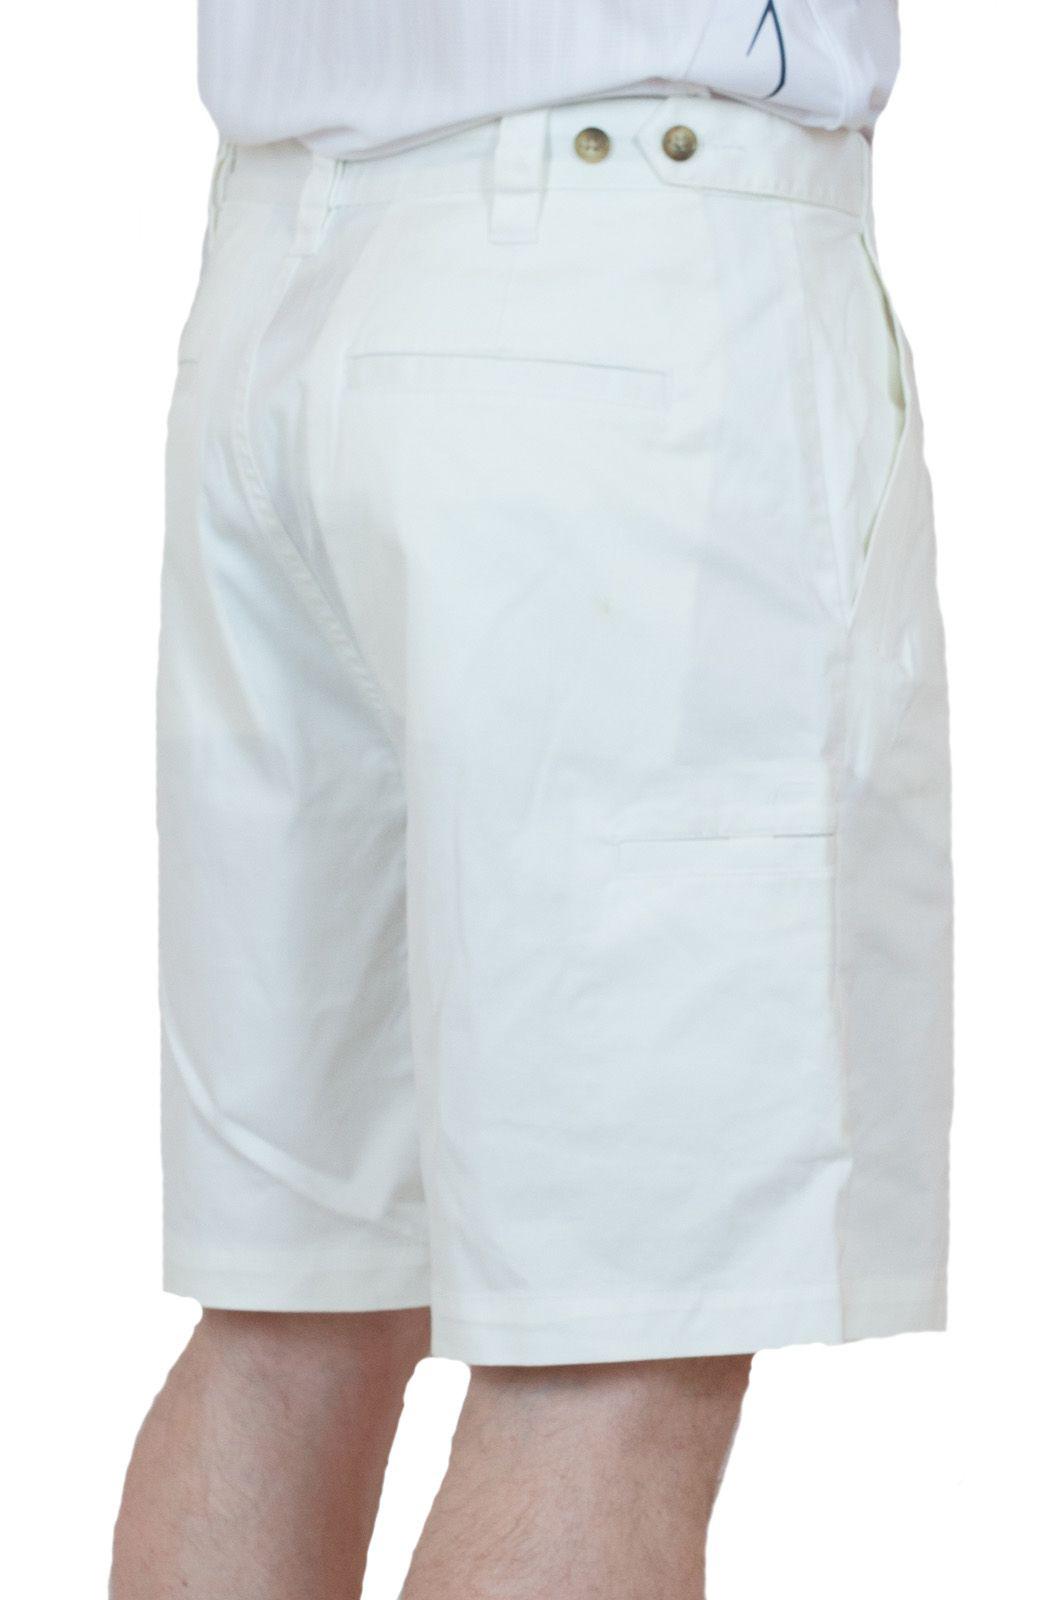 Белые мужские шорты для летнего отпуска - вид сзади